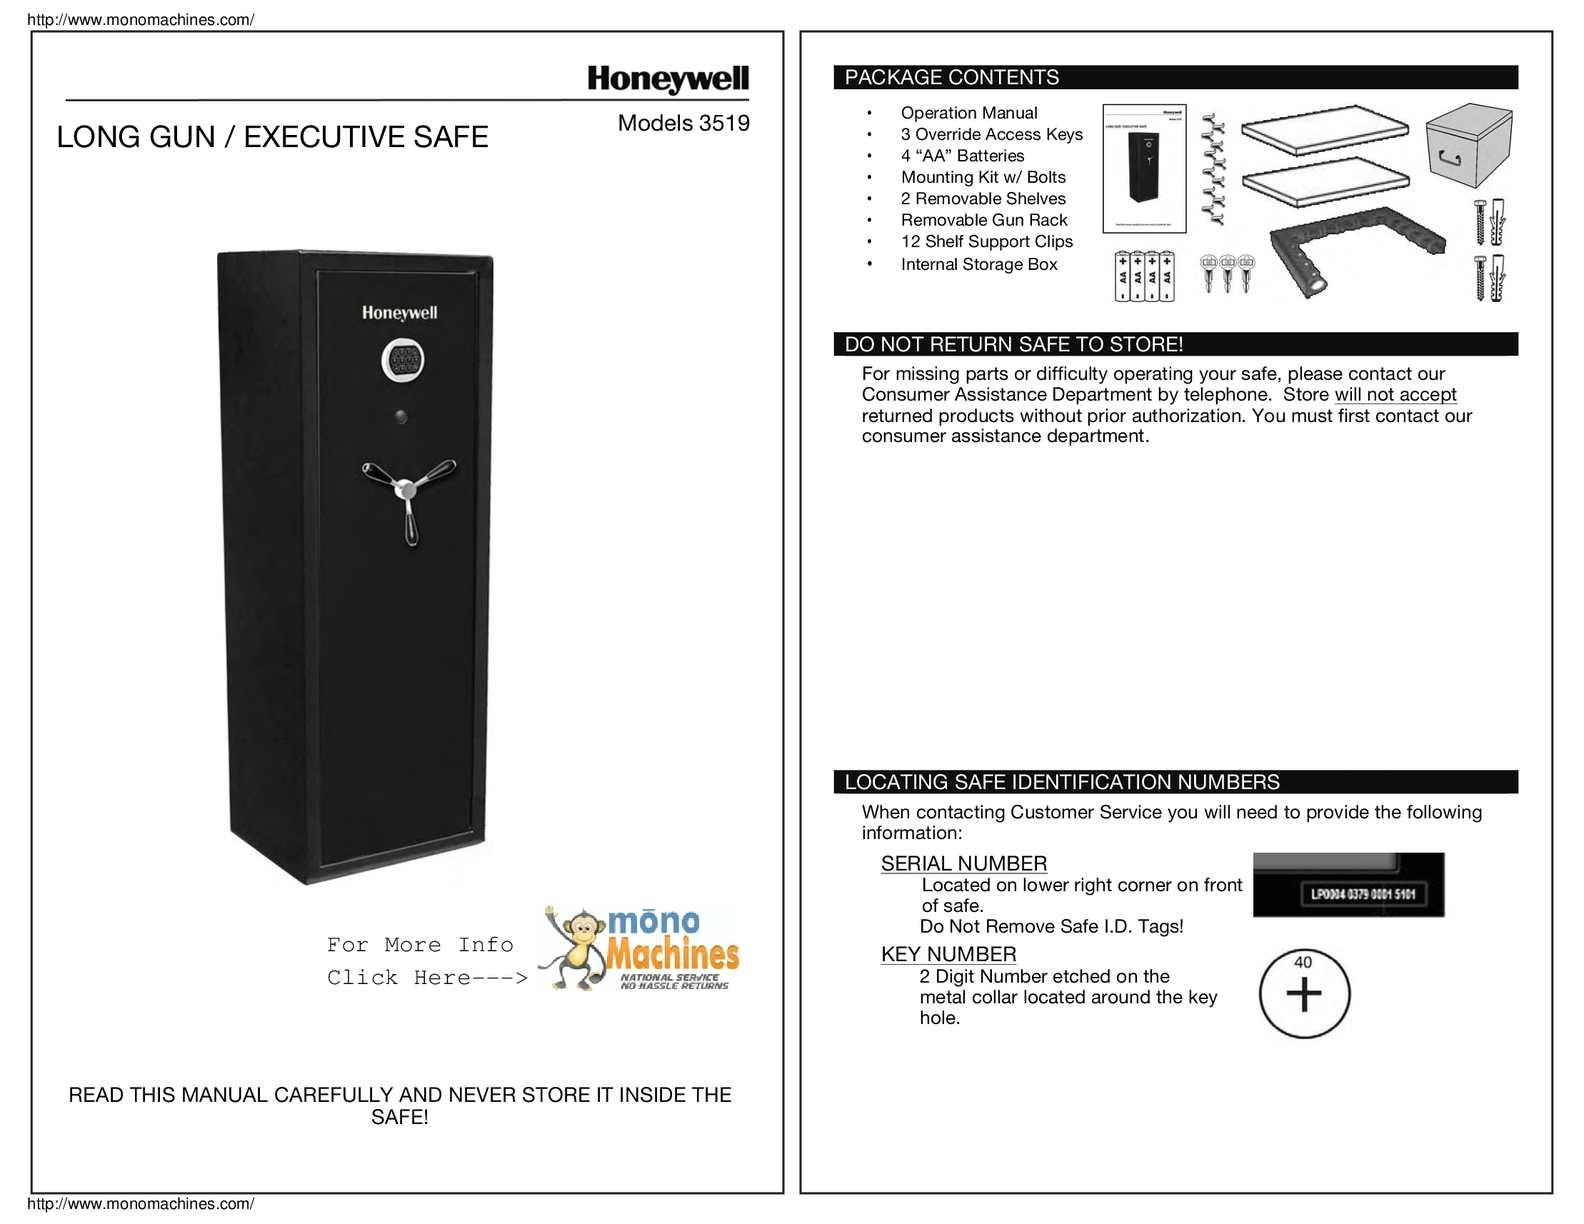 Calaméo - Honeywell 3519 Digital Lock Executive 14 Gun Safe Manual